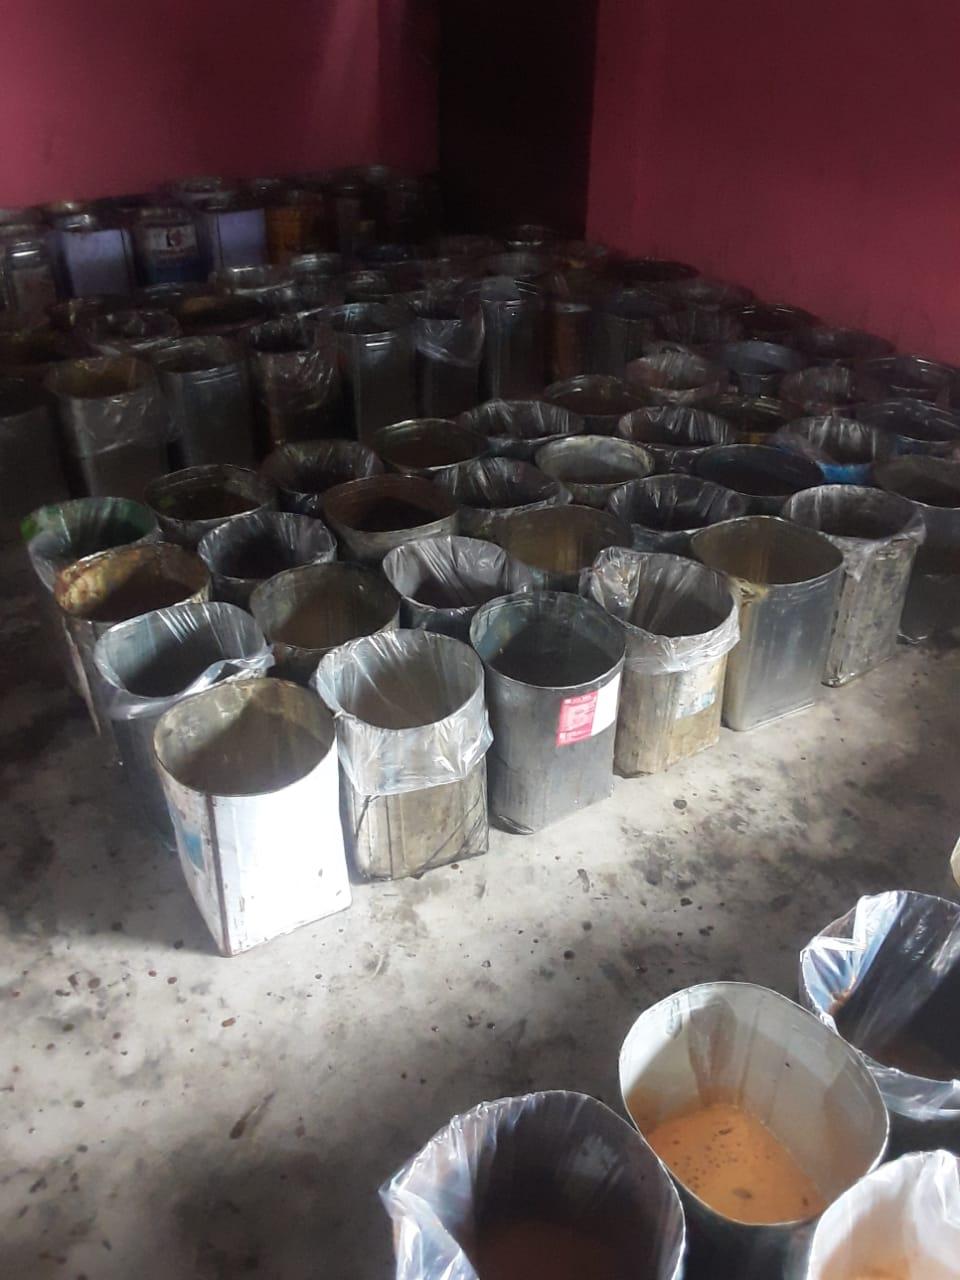 লালপুরে ভেজাল গুড় কারখানা মালিকের জেল জরিমানা